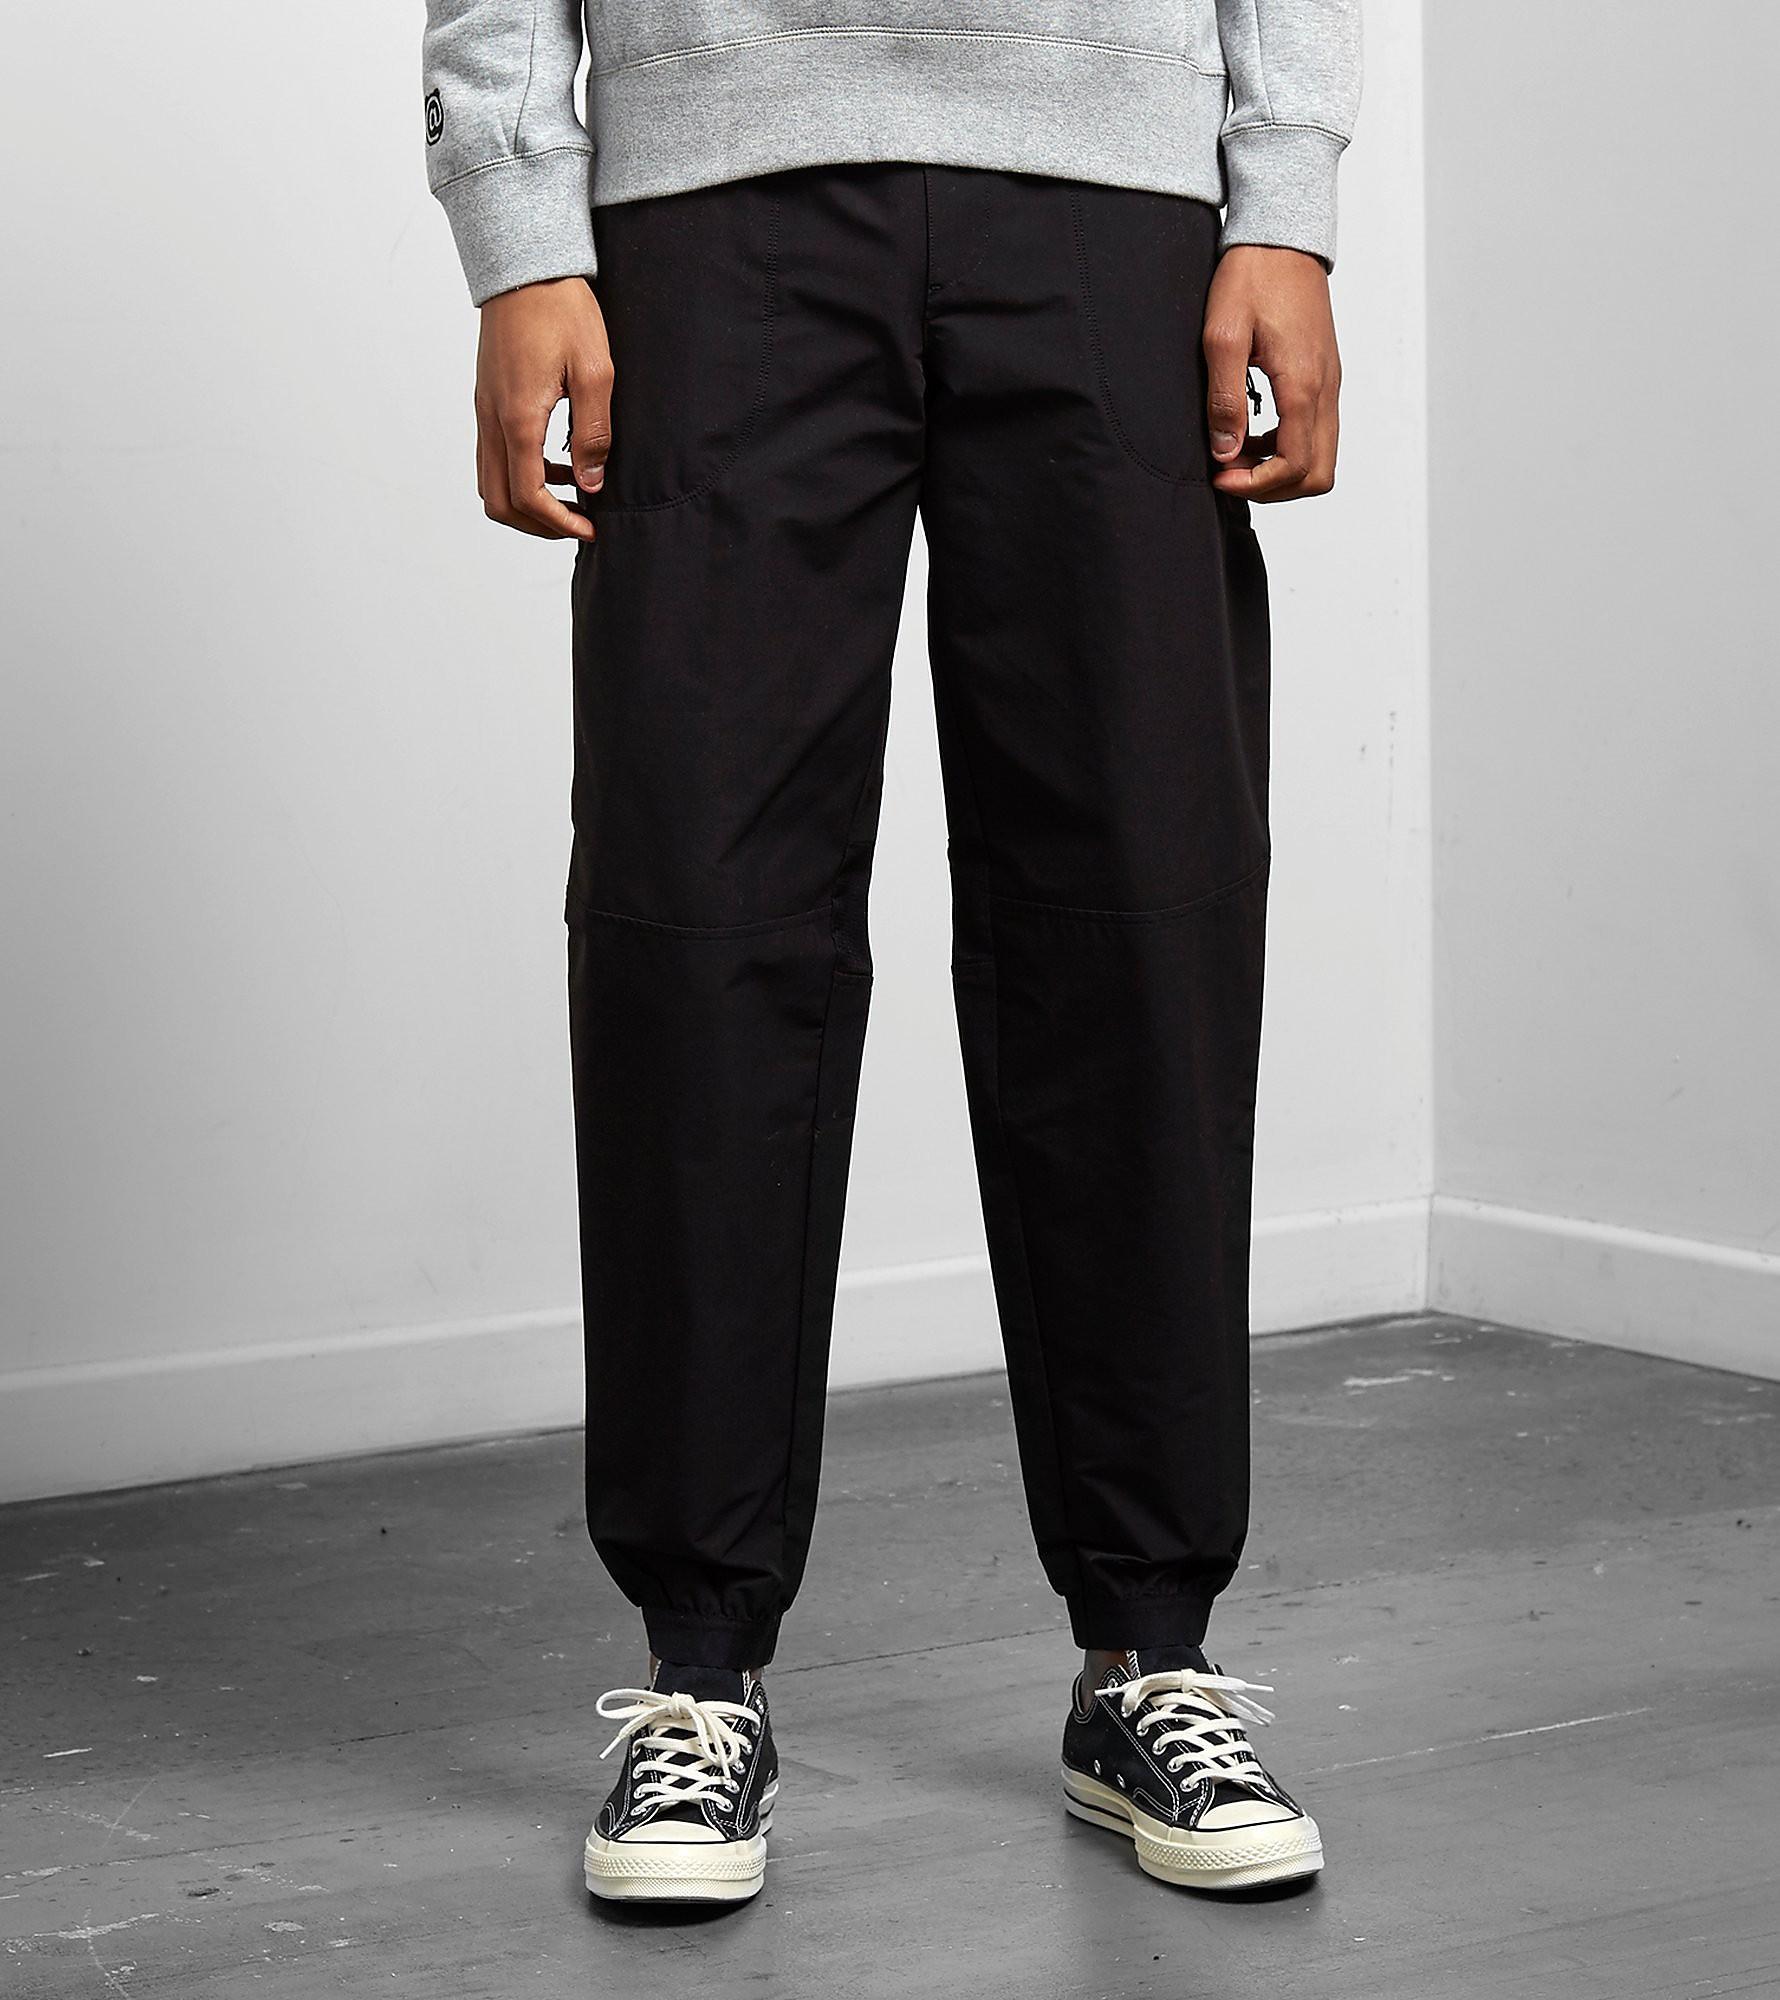 The North Face Pantalon Ondras Woven